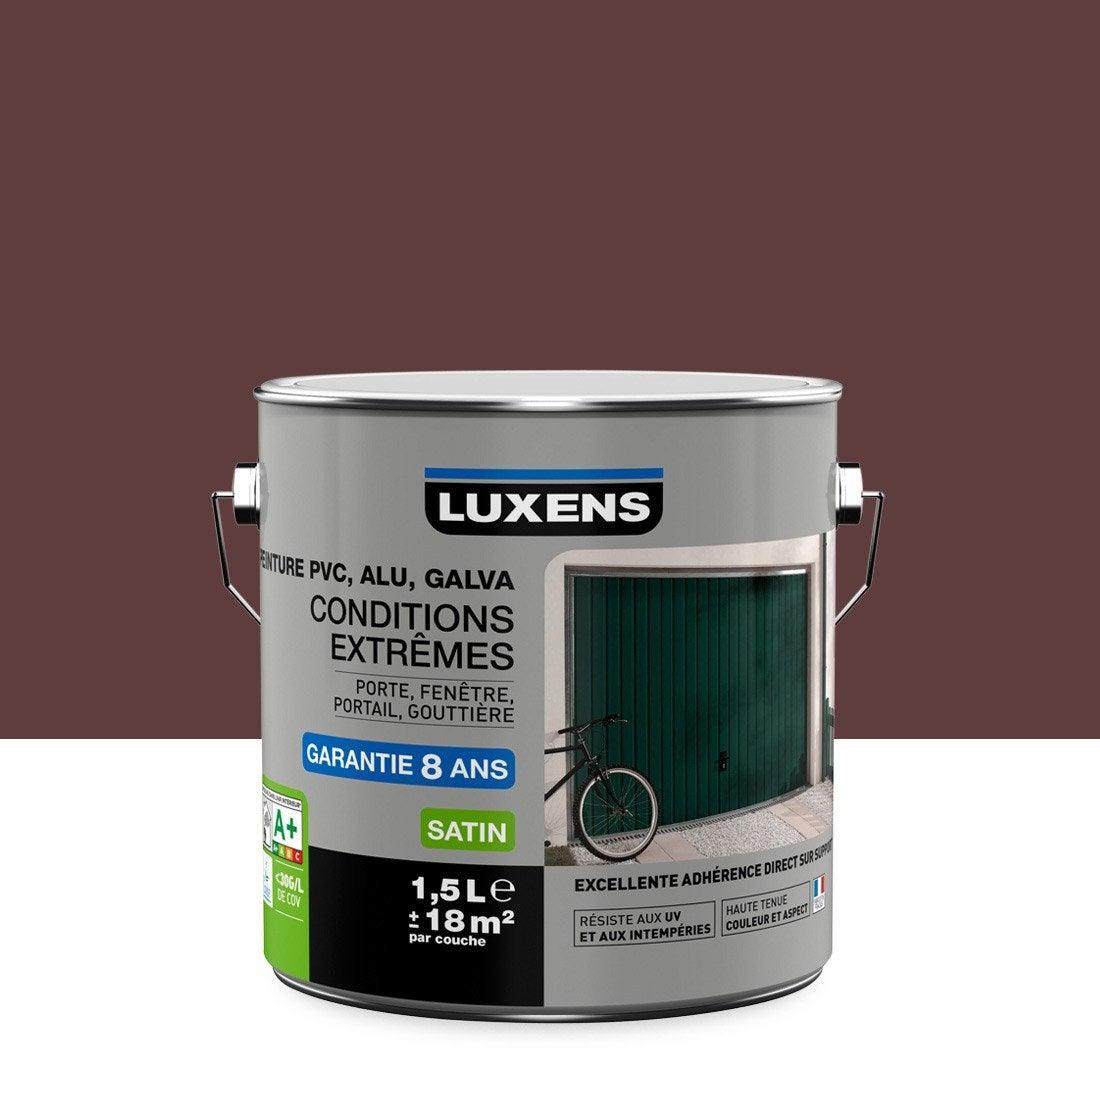 Peinture pvc alu galva ext rieur conditions extr mes for Peinture behr exterieur